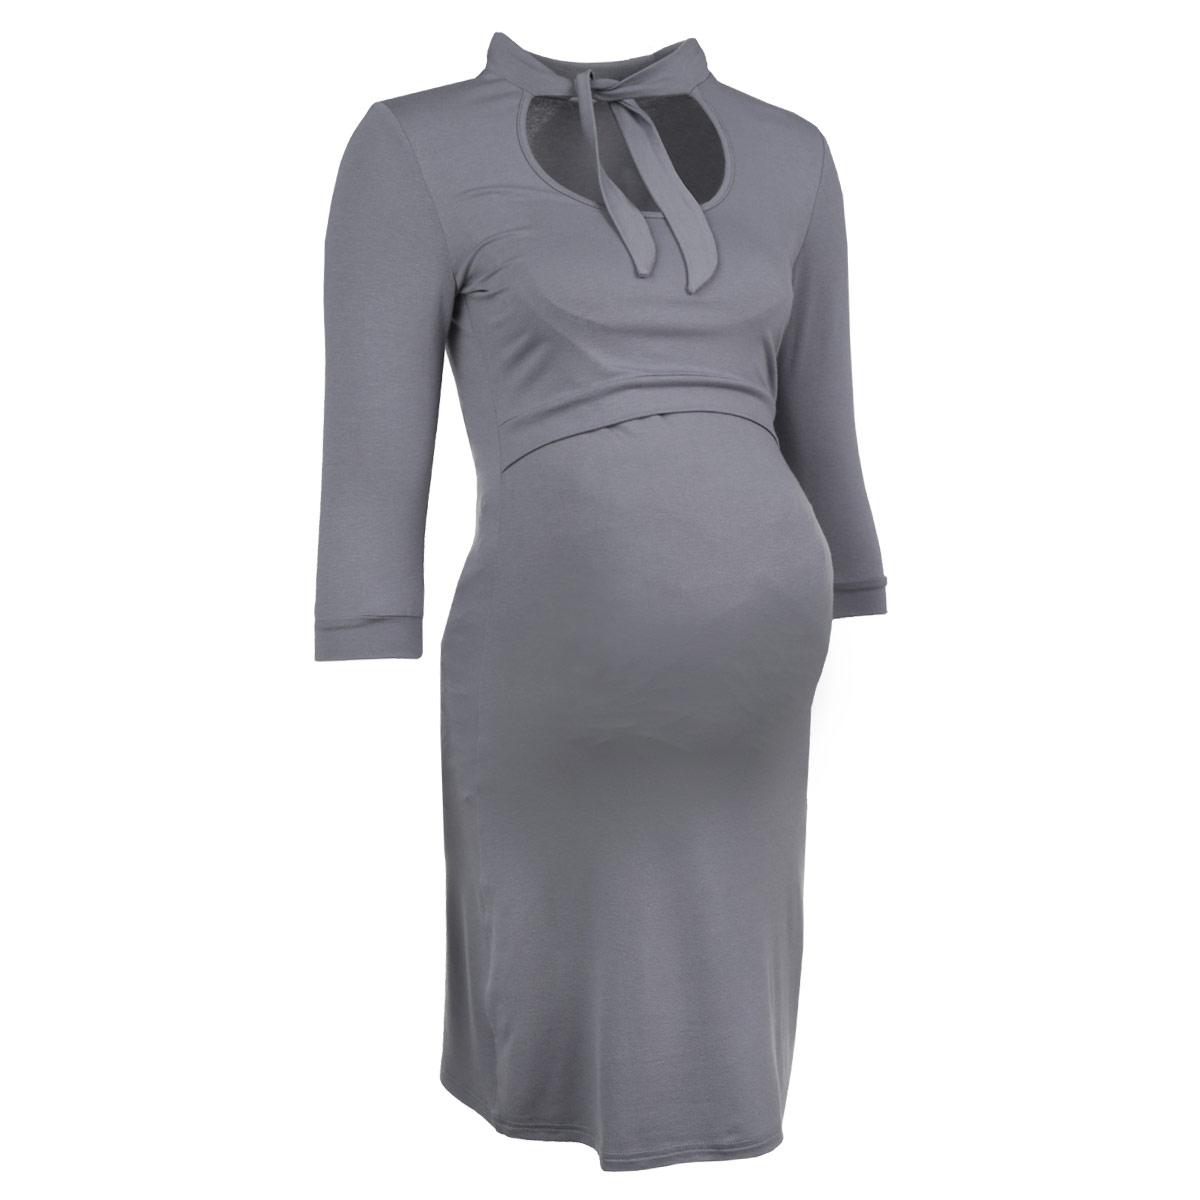 Платье117.1Стильное и удобное платье для будущих и кормящих мам Ням-Ням с рукавами 3/4 и воротником-стойкой, изготовленное из эластичной вискозы, женственное и элегантное. Платье с круглым вырезом на груди, переходящим в завязки-шарфик, подчеркнет очарование будущей мамы, а секрет для кормления делает платье функциональным в период вскармливания ребенка. Секрет кормления скрыт кокеткой с поясом. Рукава понизу дополнены узкими манжетами. Платье слегка прикрывает колено, что позволяет носить данную модель, как с туфлями, так и с сапогами. Также можно носить во время беременности и после родов.